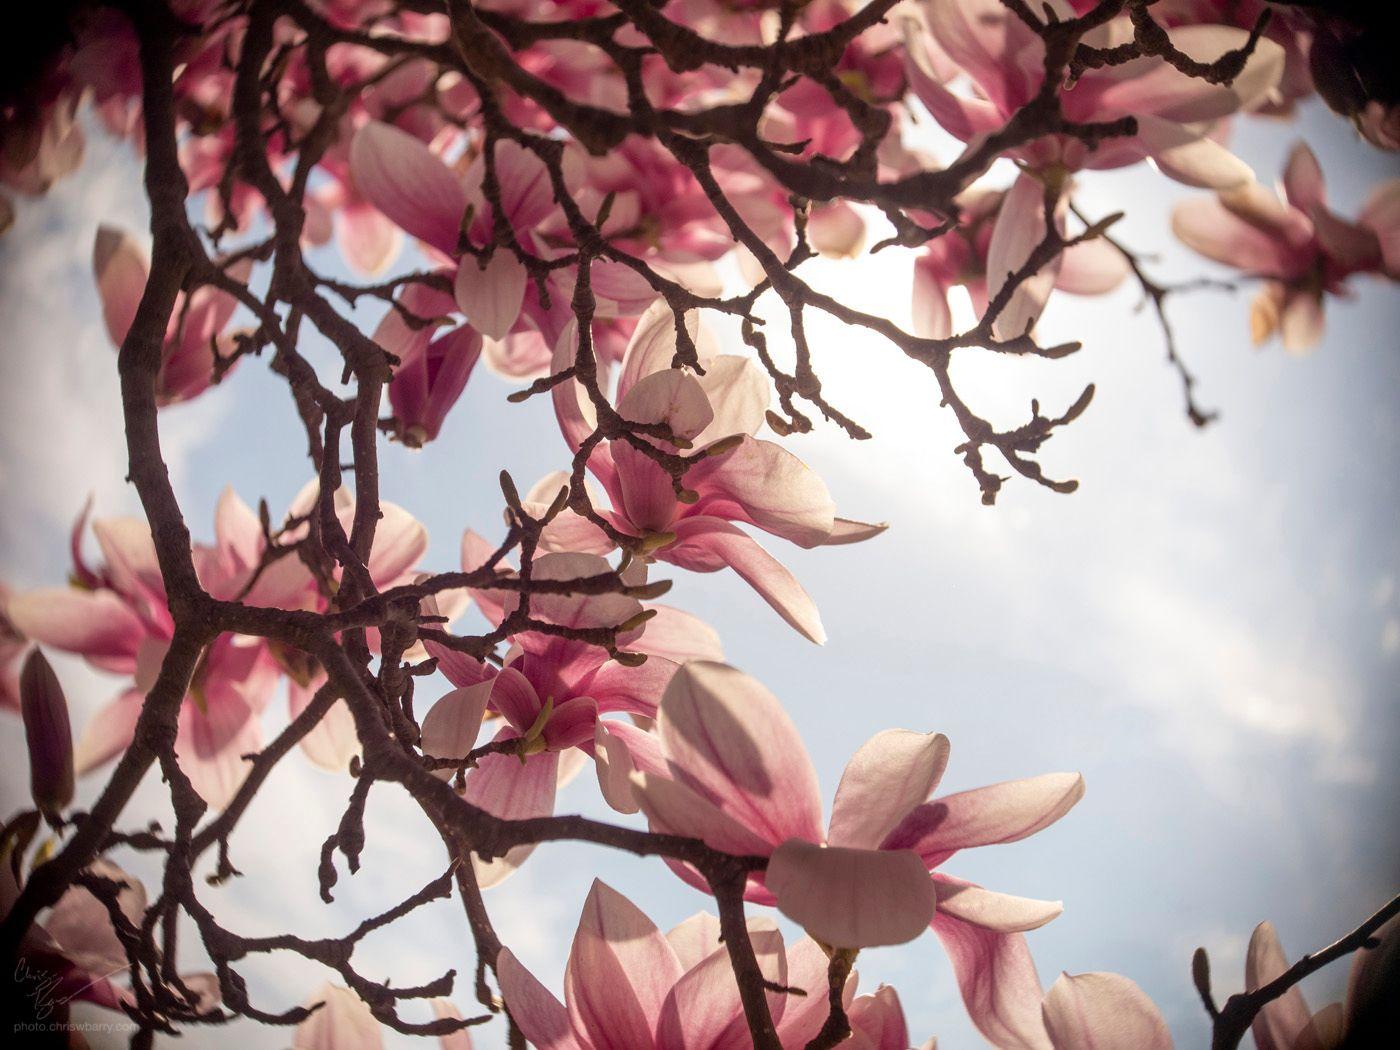 4-13-19: Less Lens Flared Magnolia